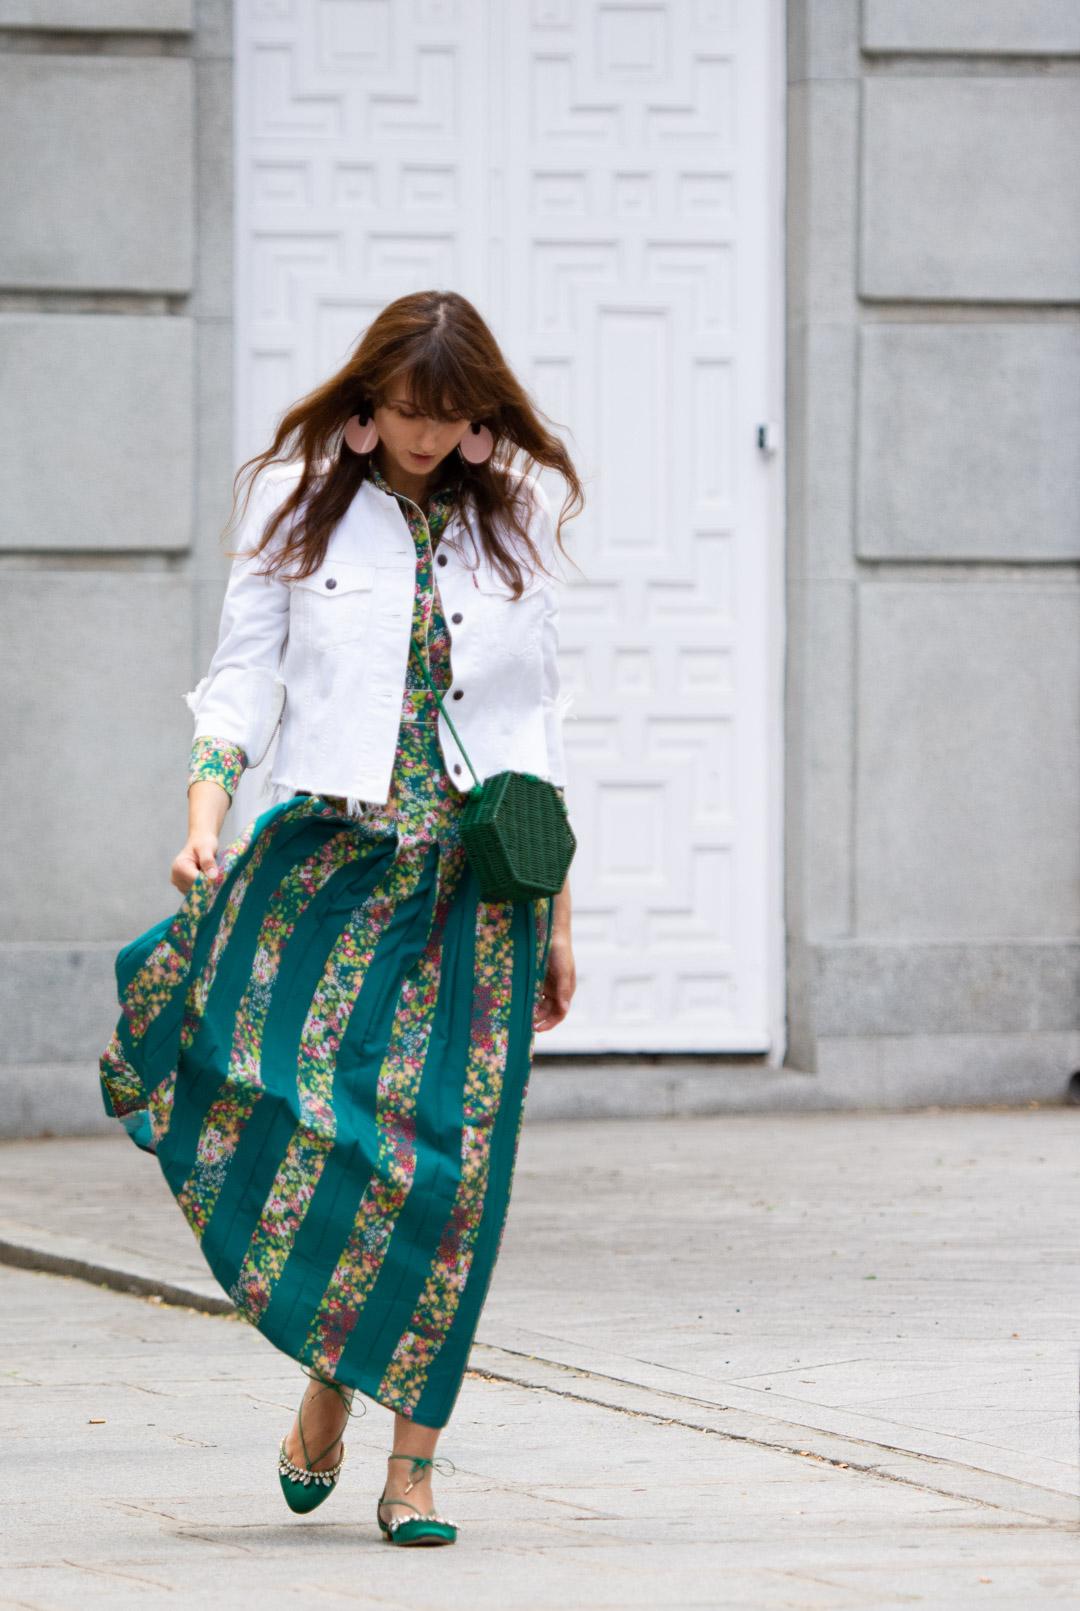 vestido-verde-street-style-mayte-de-la-iglesia-web-02